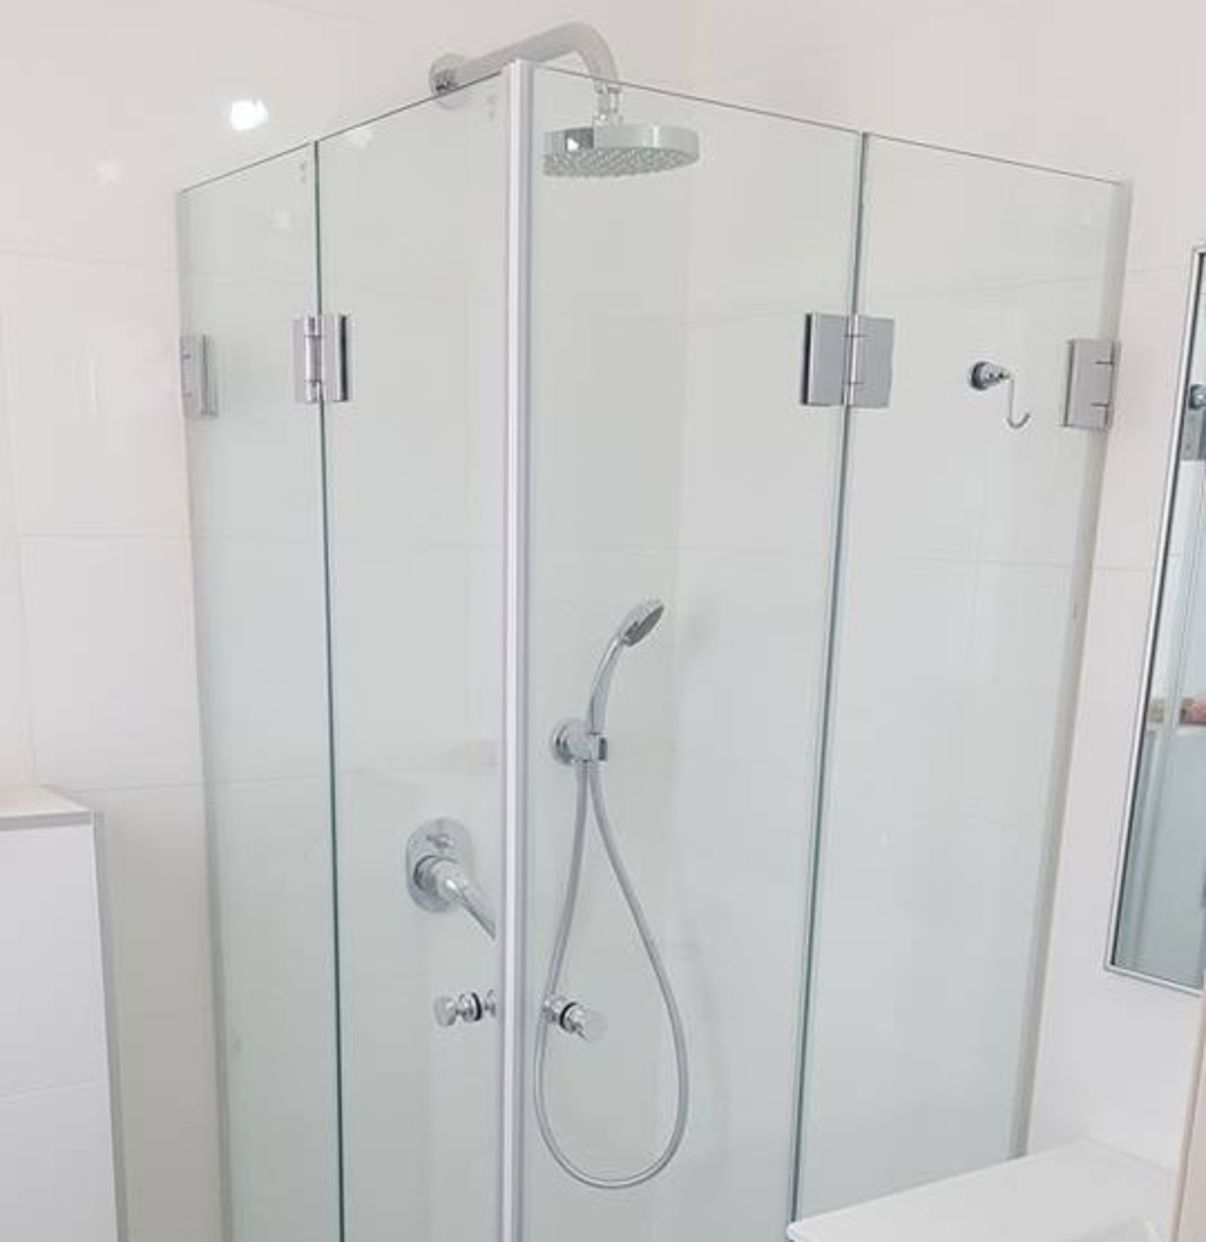 מפואר תיקון מקלחון | תיקונים נפוצים ומחירים של תקלות במקלחון - במידרג WS-68